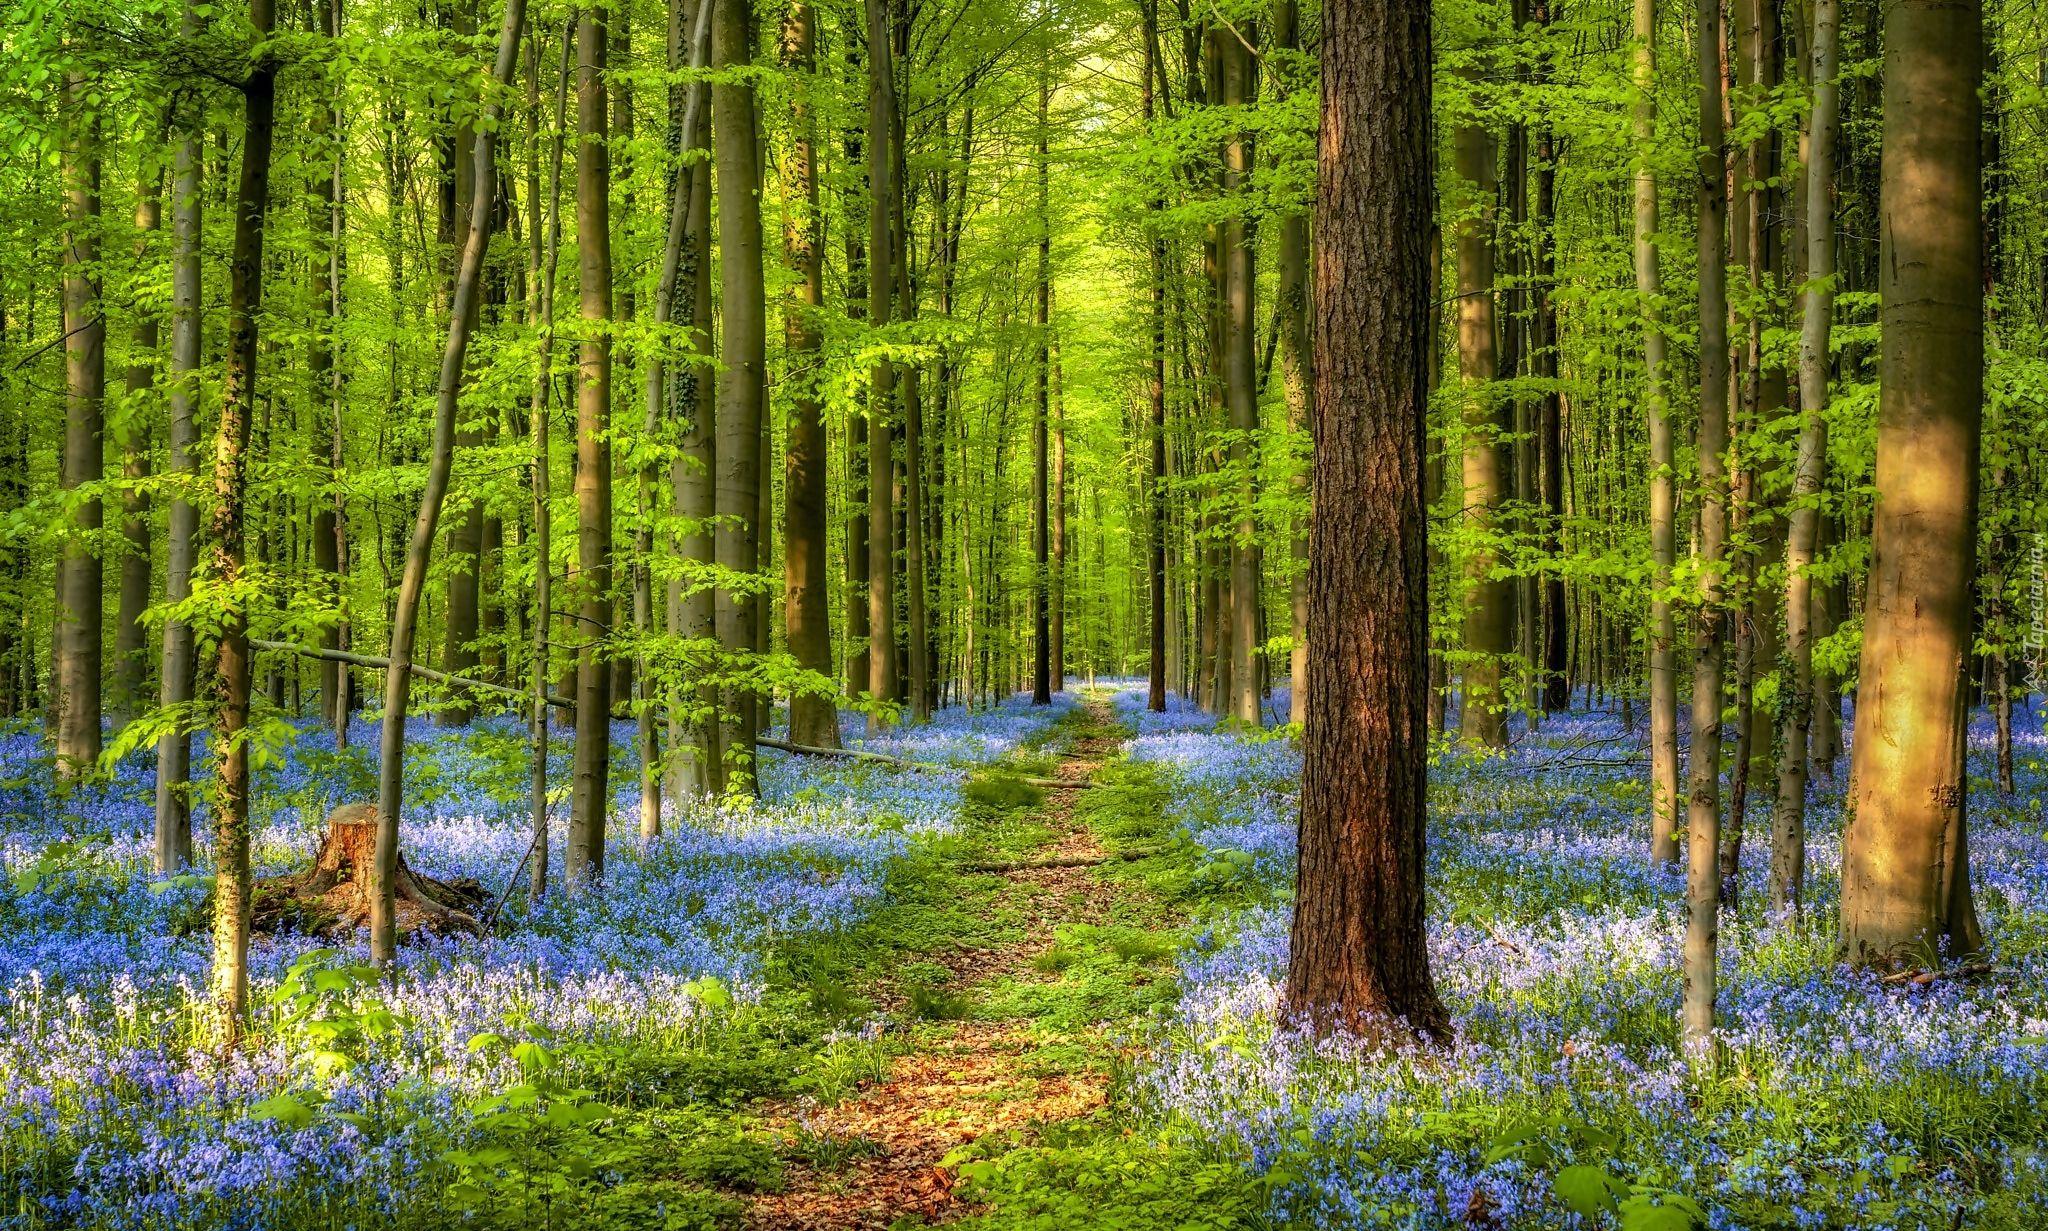 Edycja Tapety Sciezka W Wiosennym Lesie